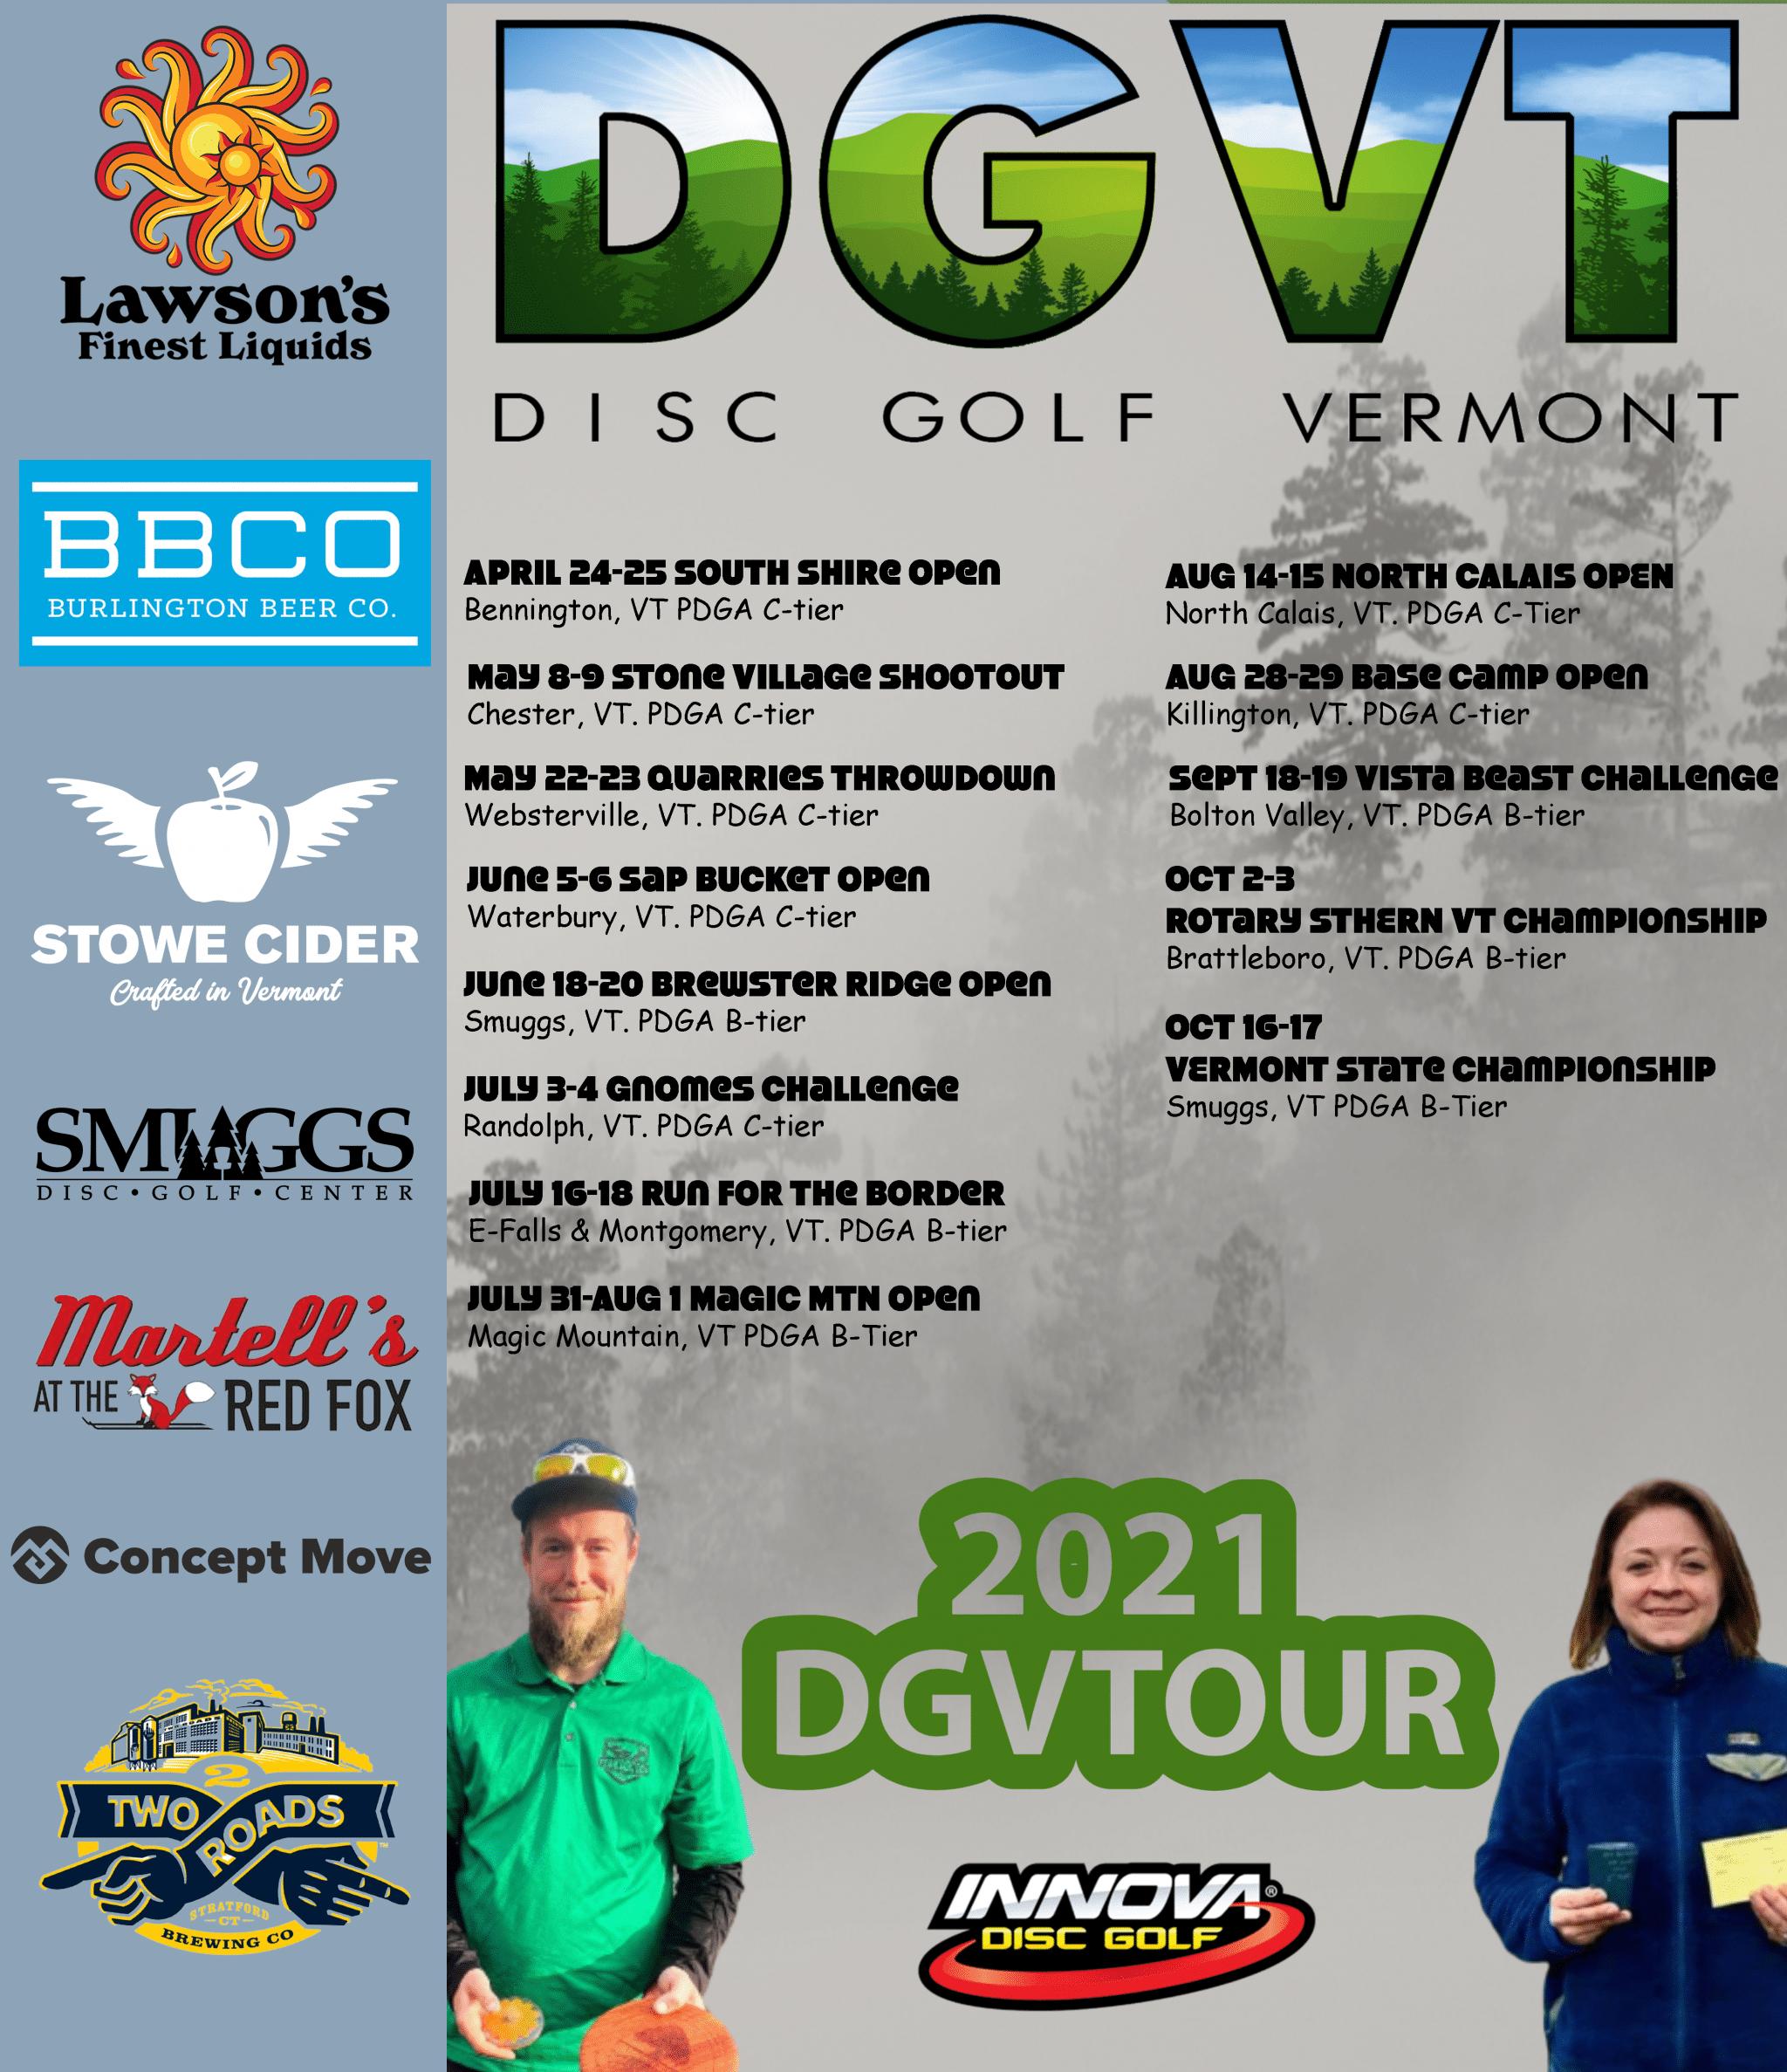 DGVT Tour schedule